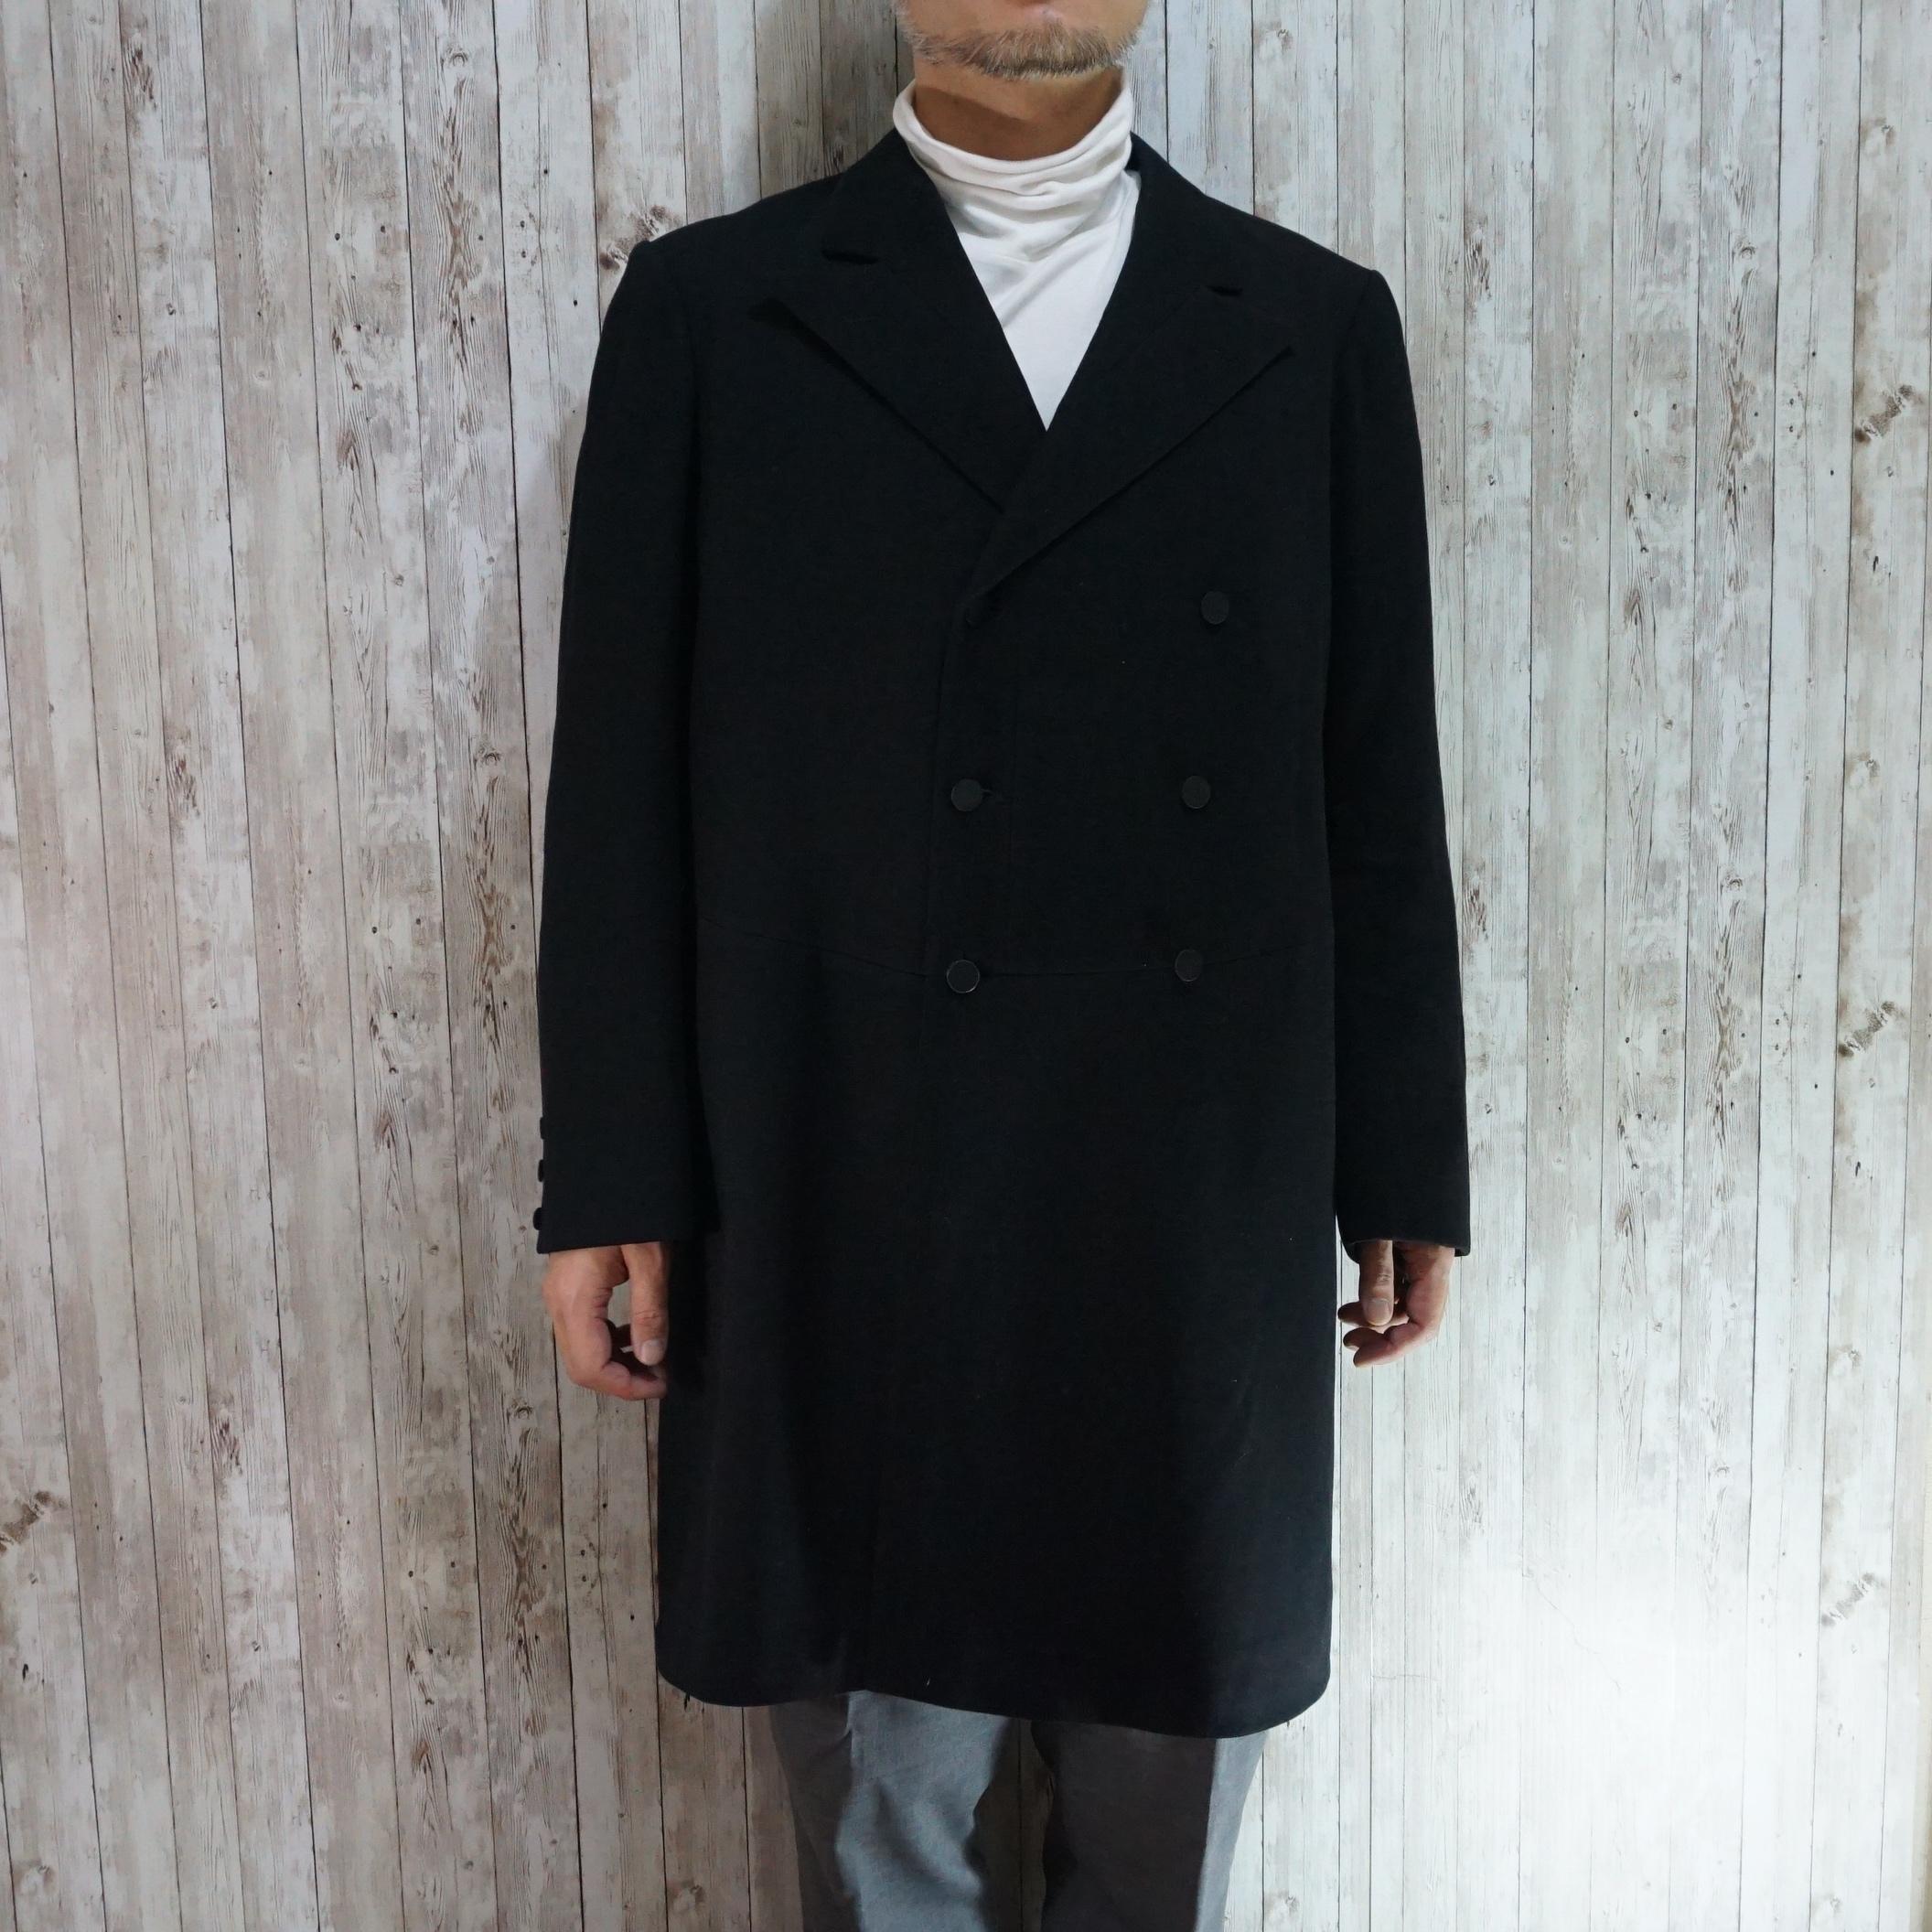 元ネタコートEarly 20th Victorian Crock Coat